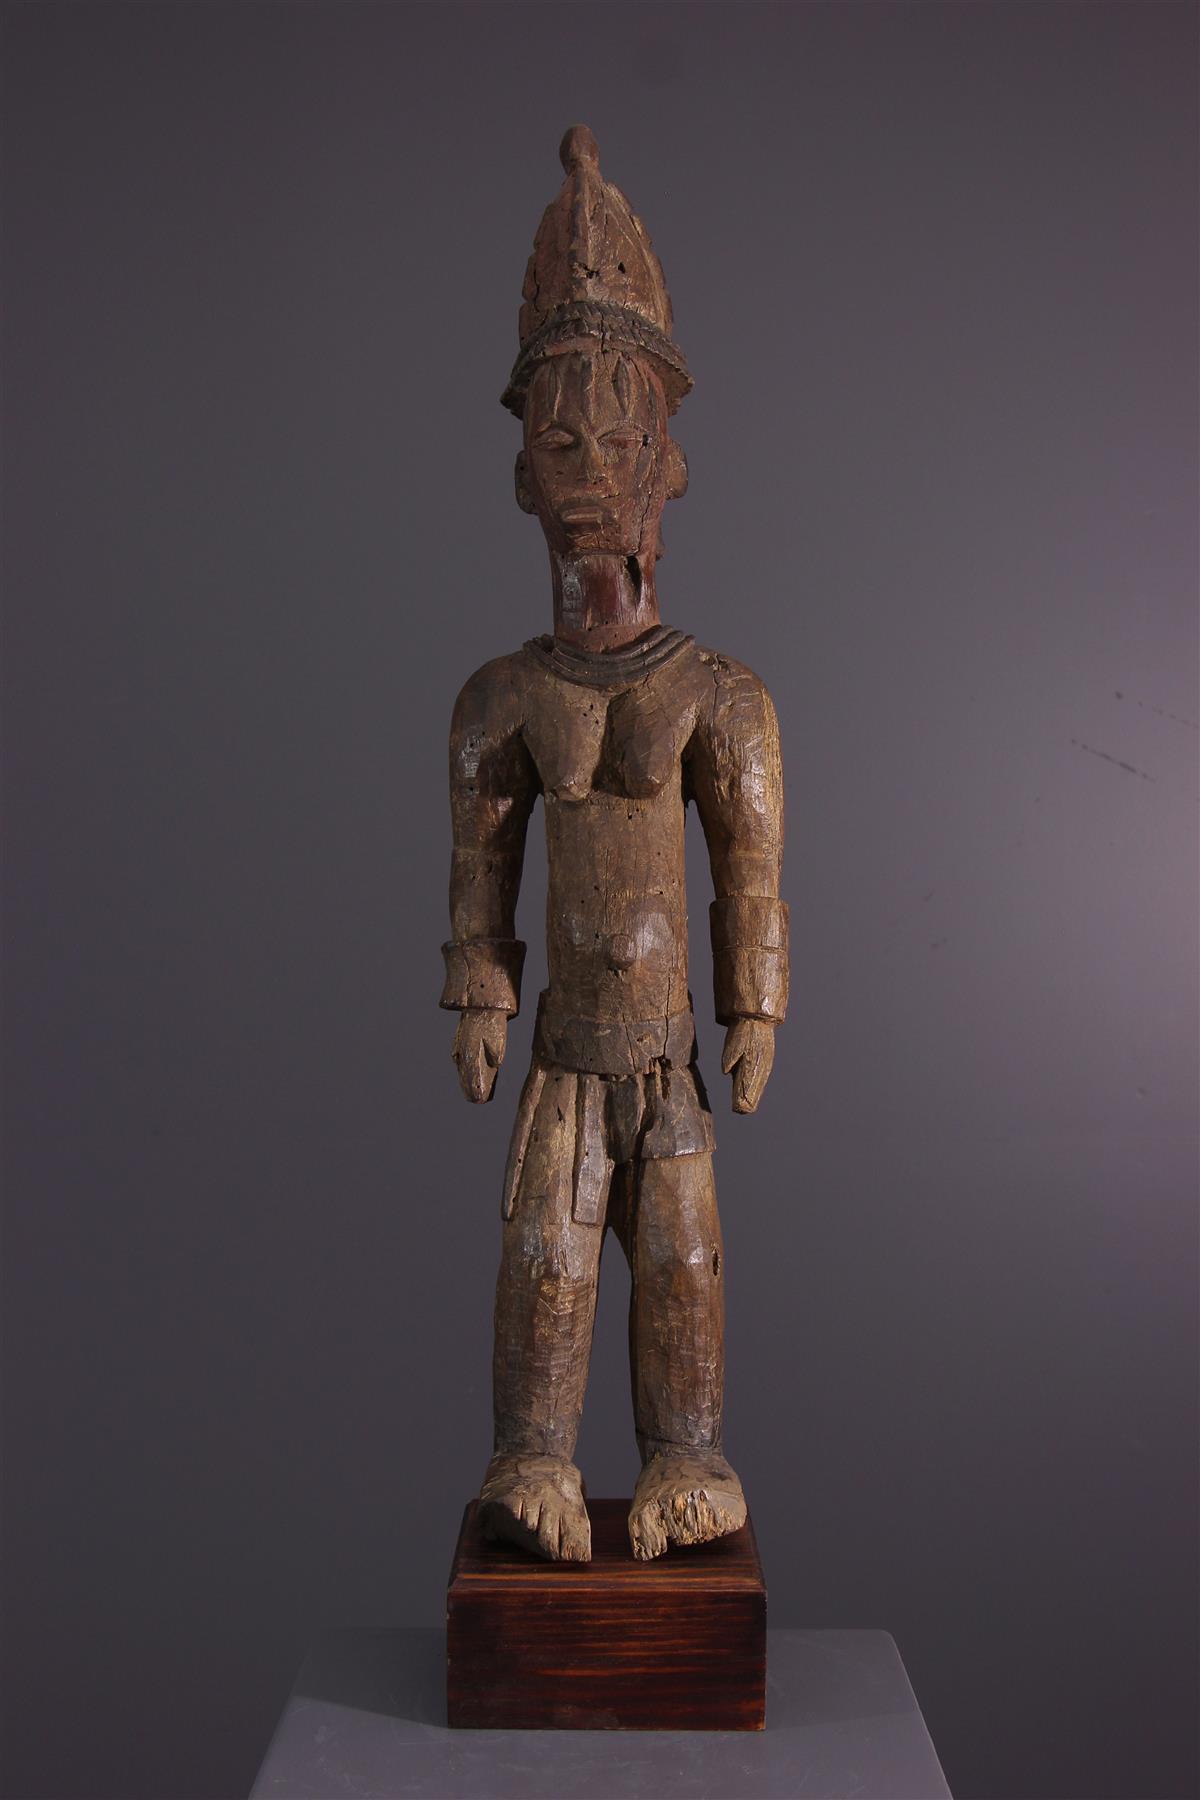 Urhobo Statue - Tribal art